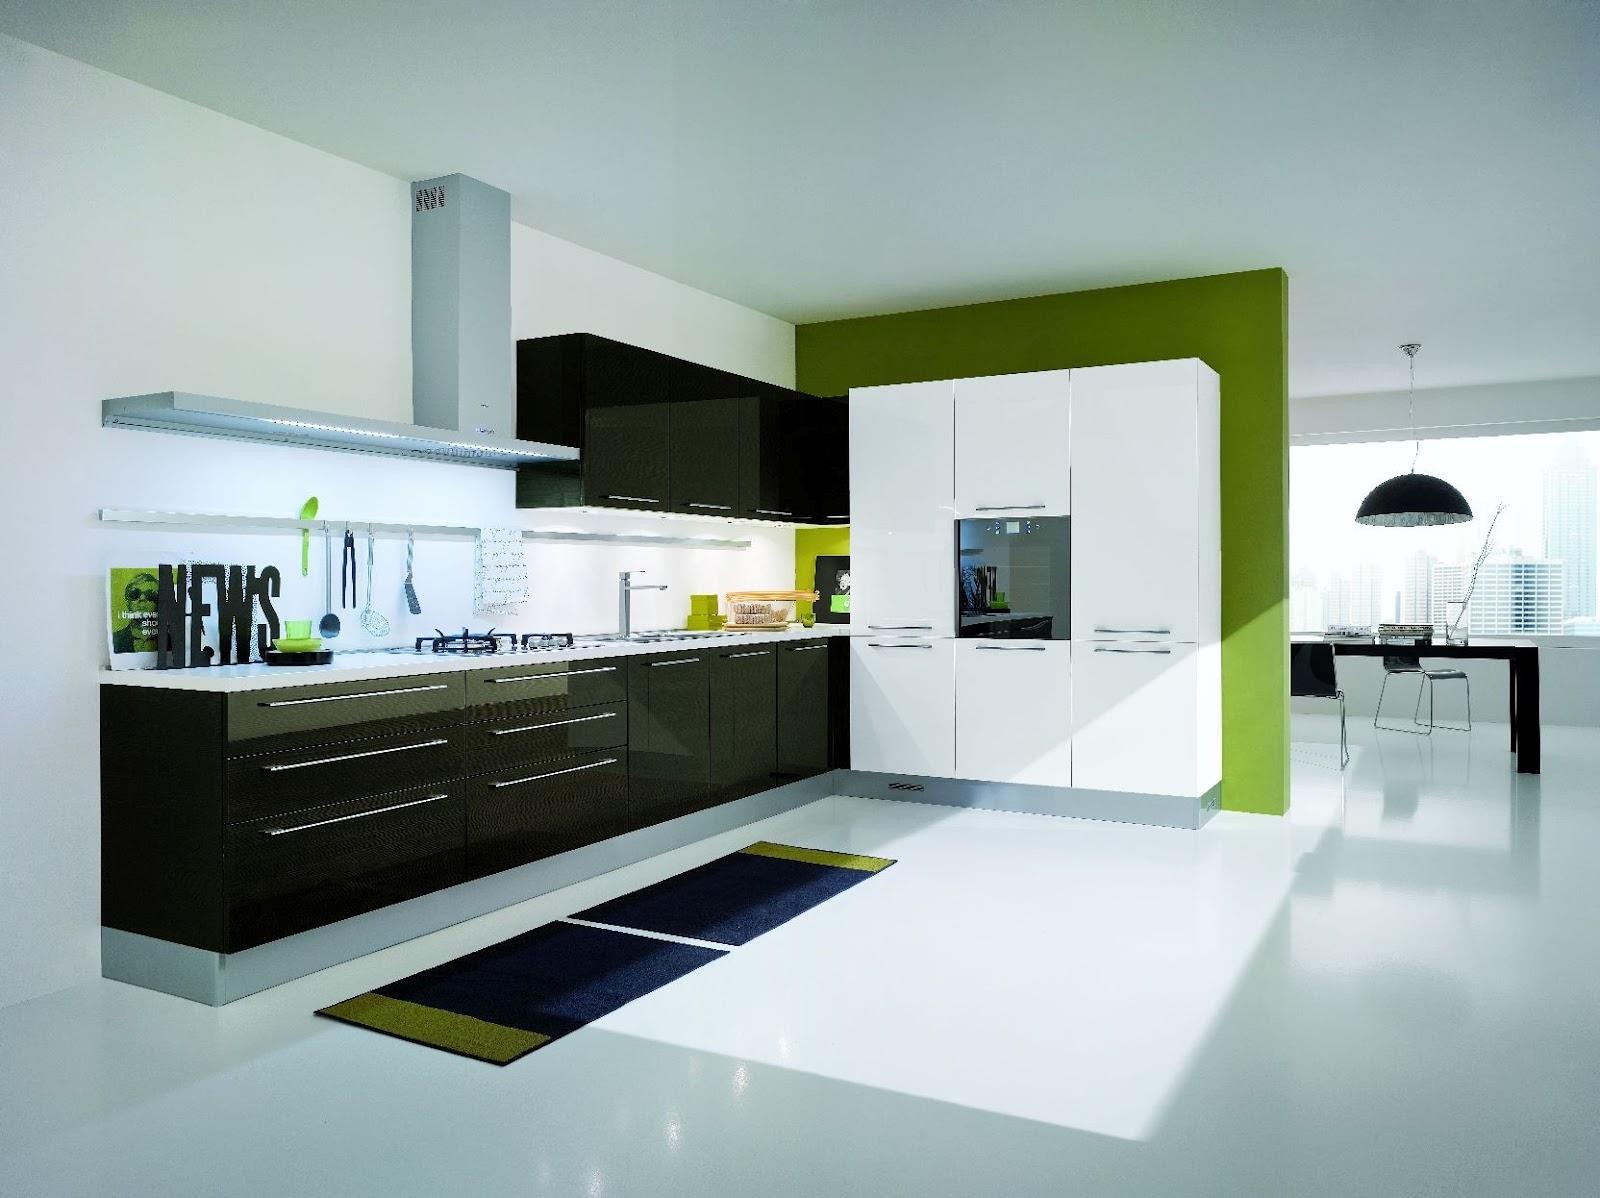 Cuisine design bois et blanc for Cuisiniste designer